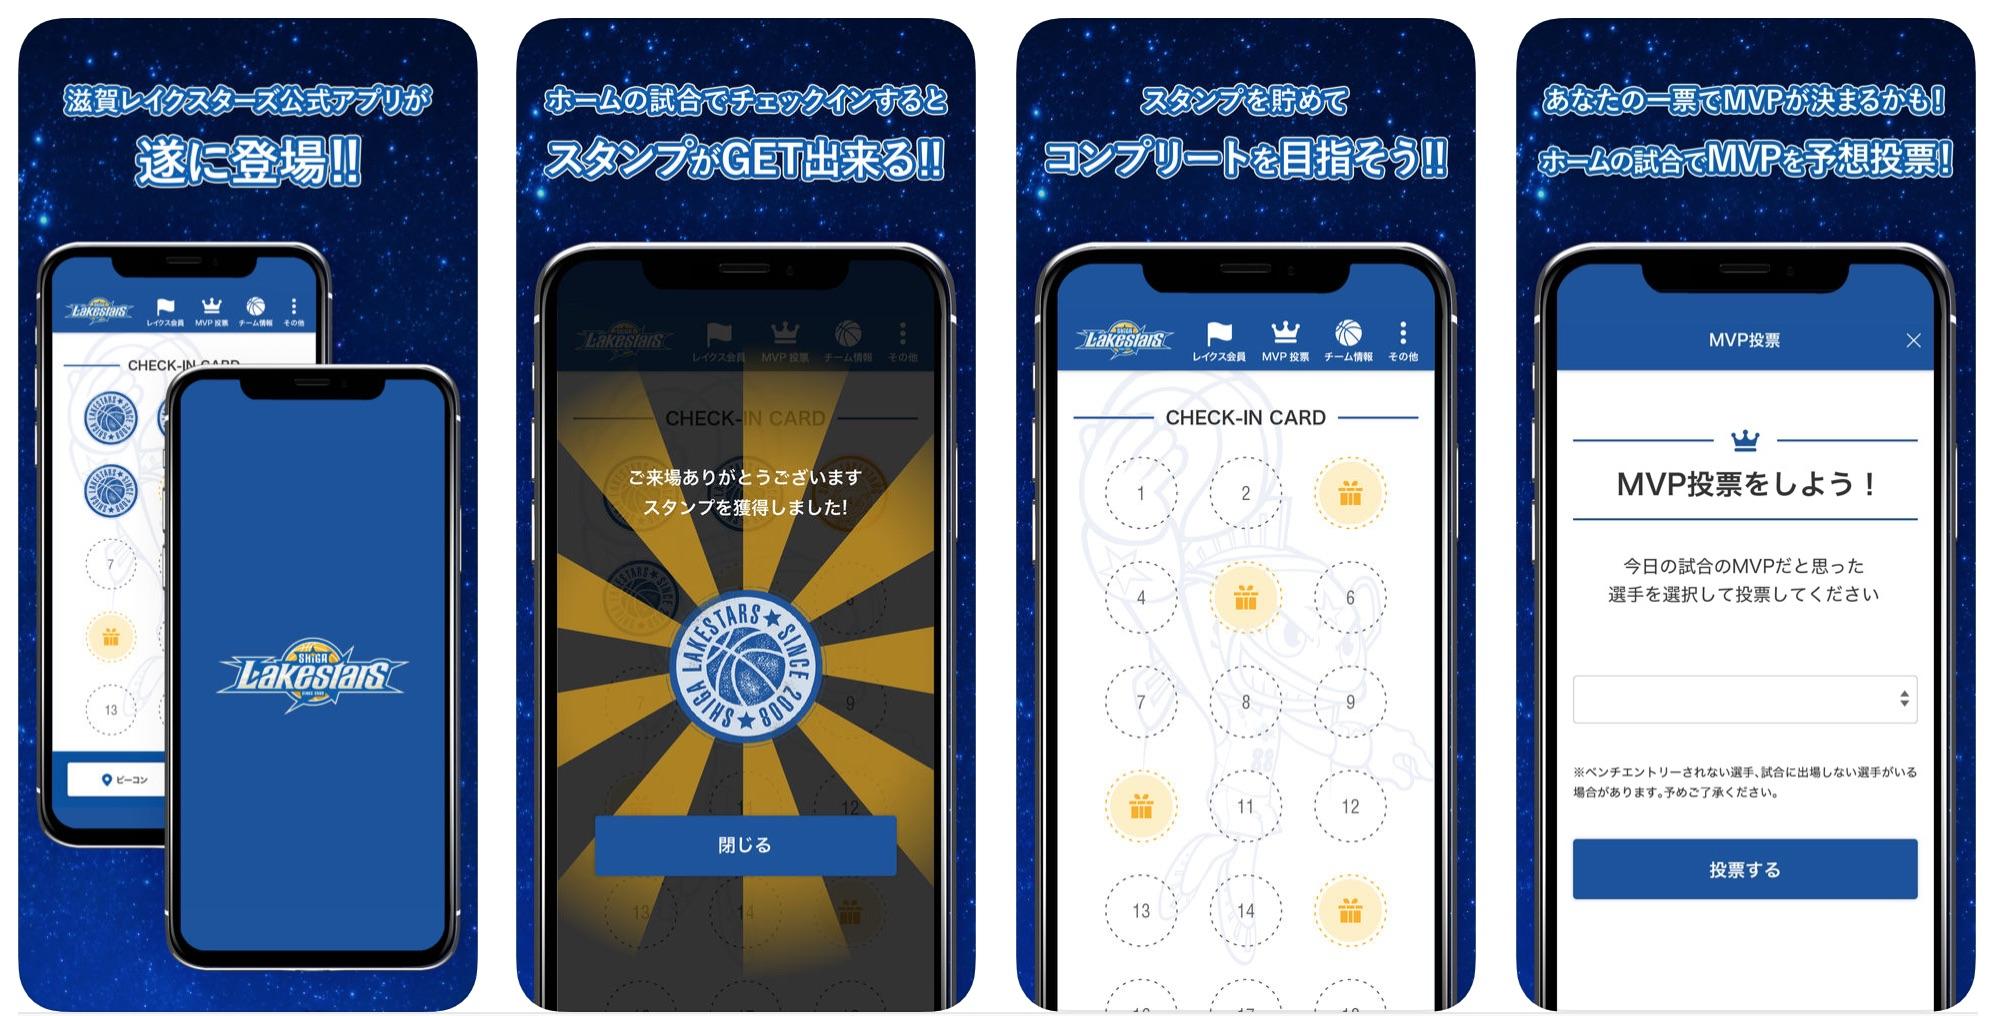 滋賀レイクスターズ 公式アプリ